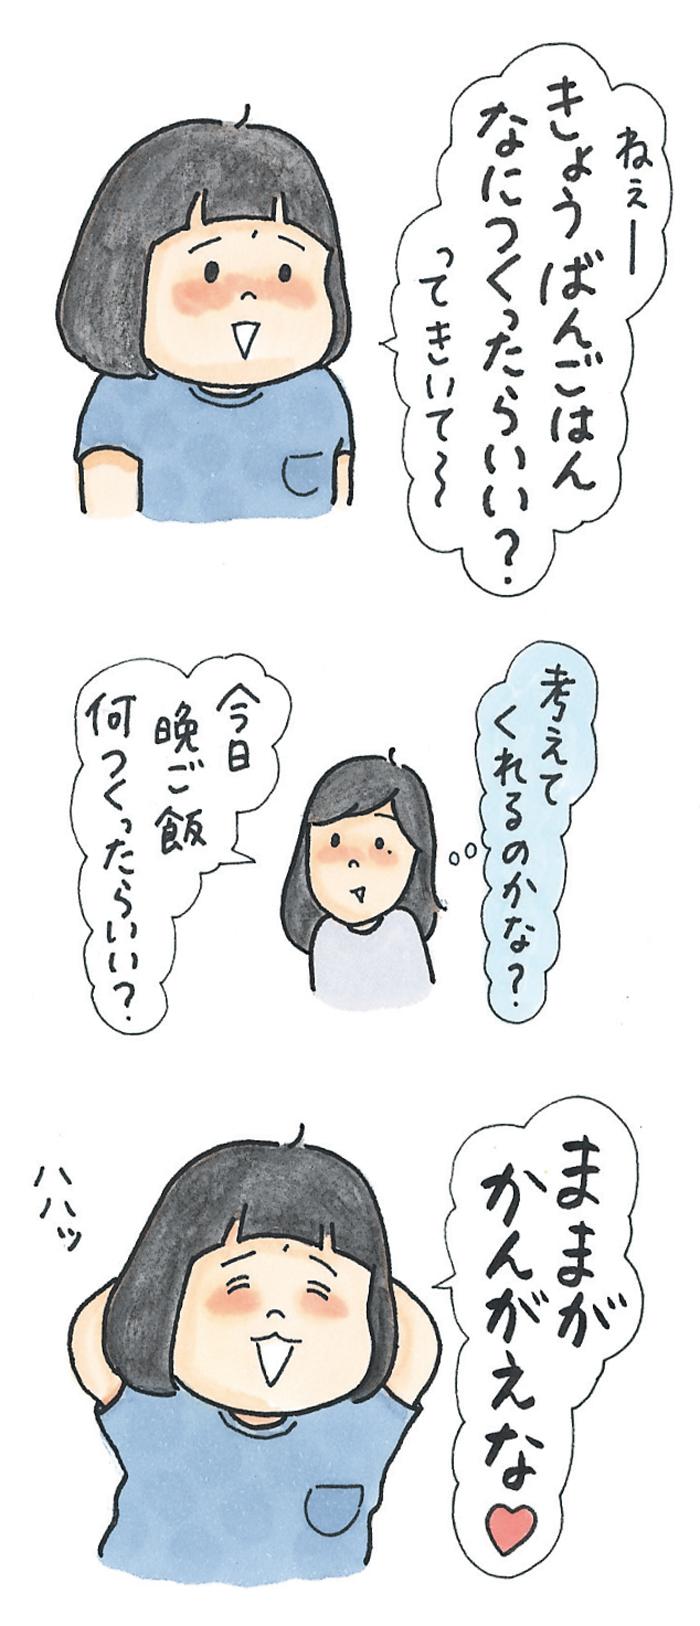 """突然「お悩み相談コーナー」!? しーちゃんのありがたい""""お答え""""とは…?の画像1"""